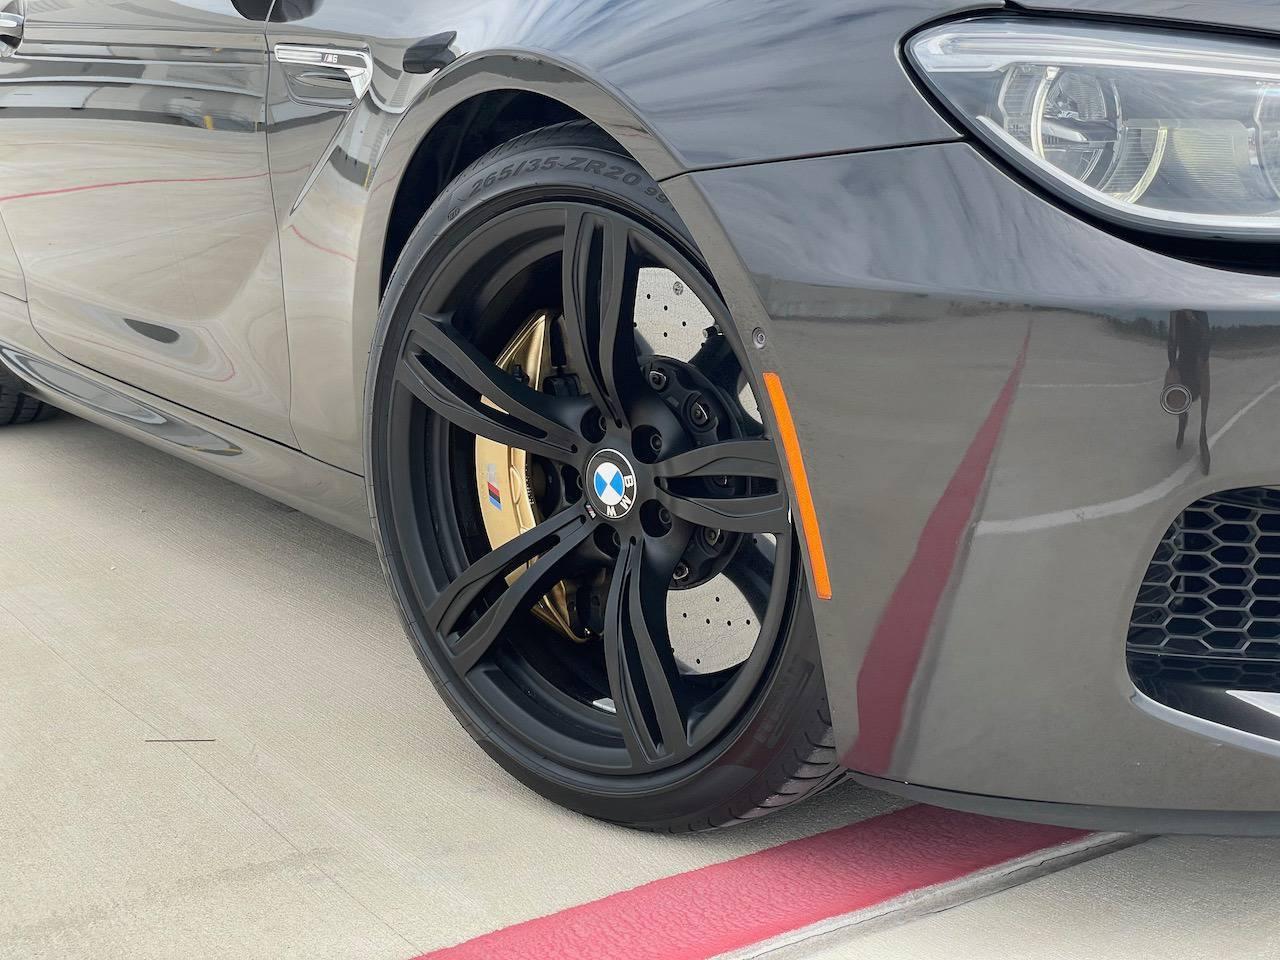 2017 BMW M6 Carbon Ceramic brakes